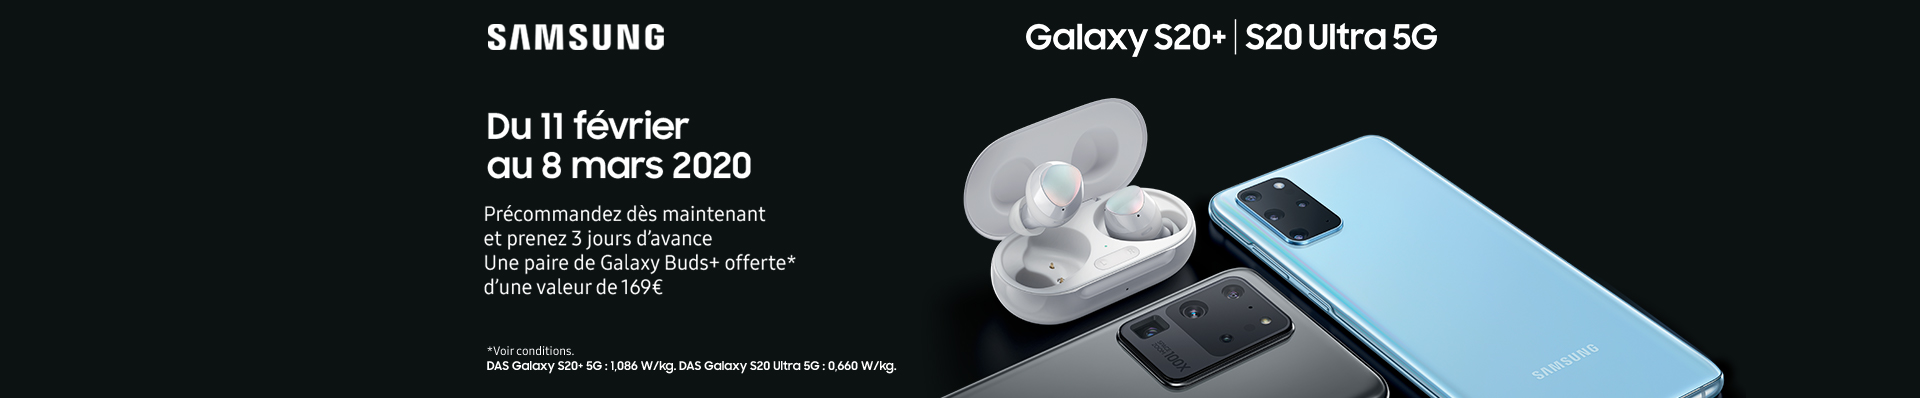 samsung Galaxy S20 precommande